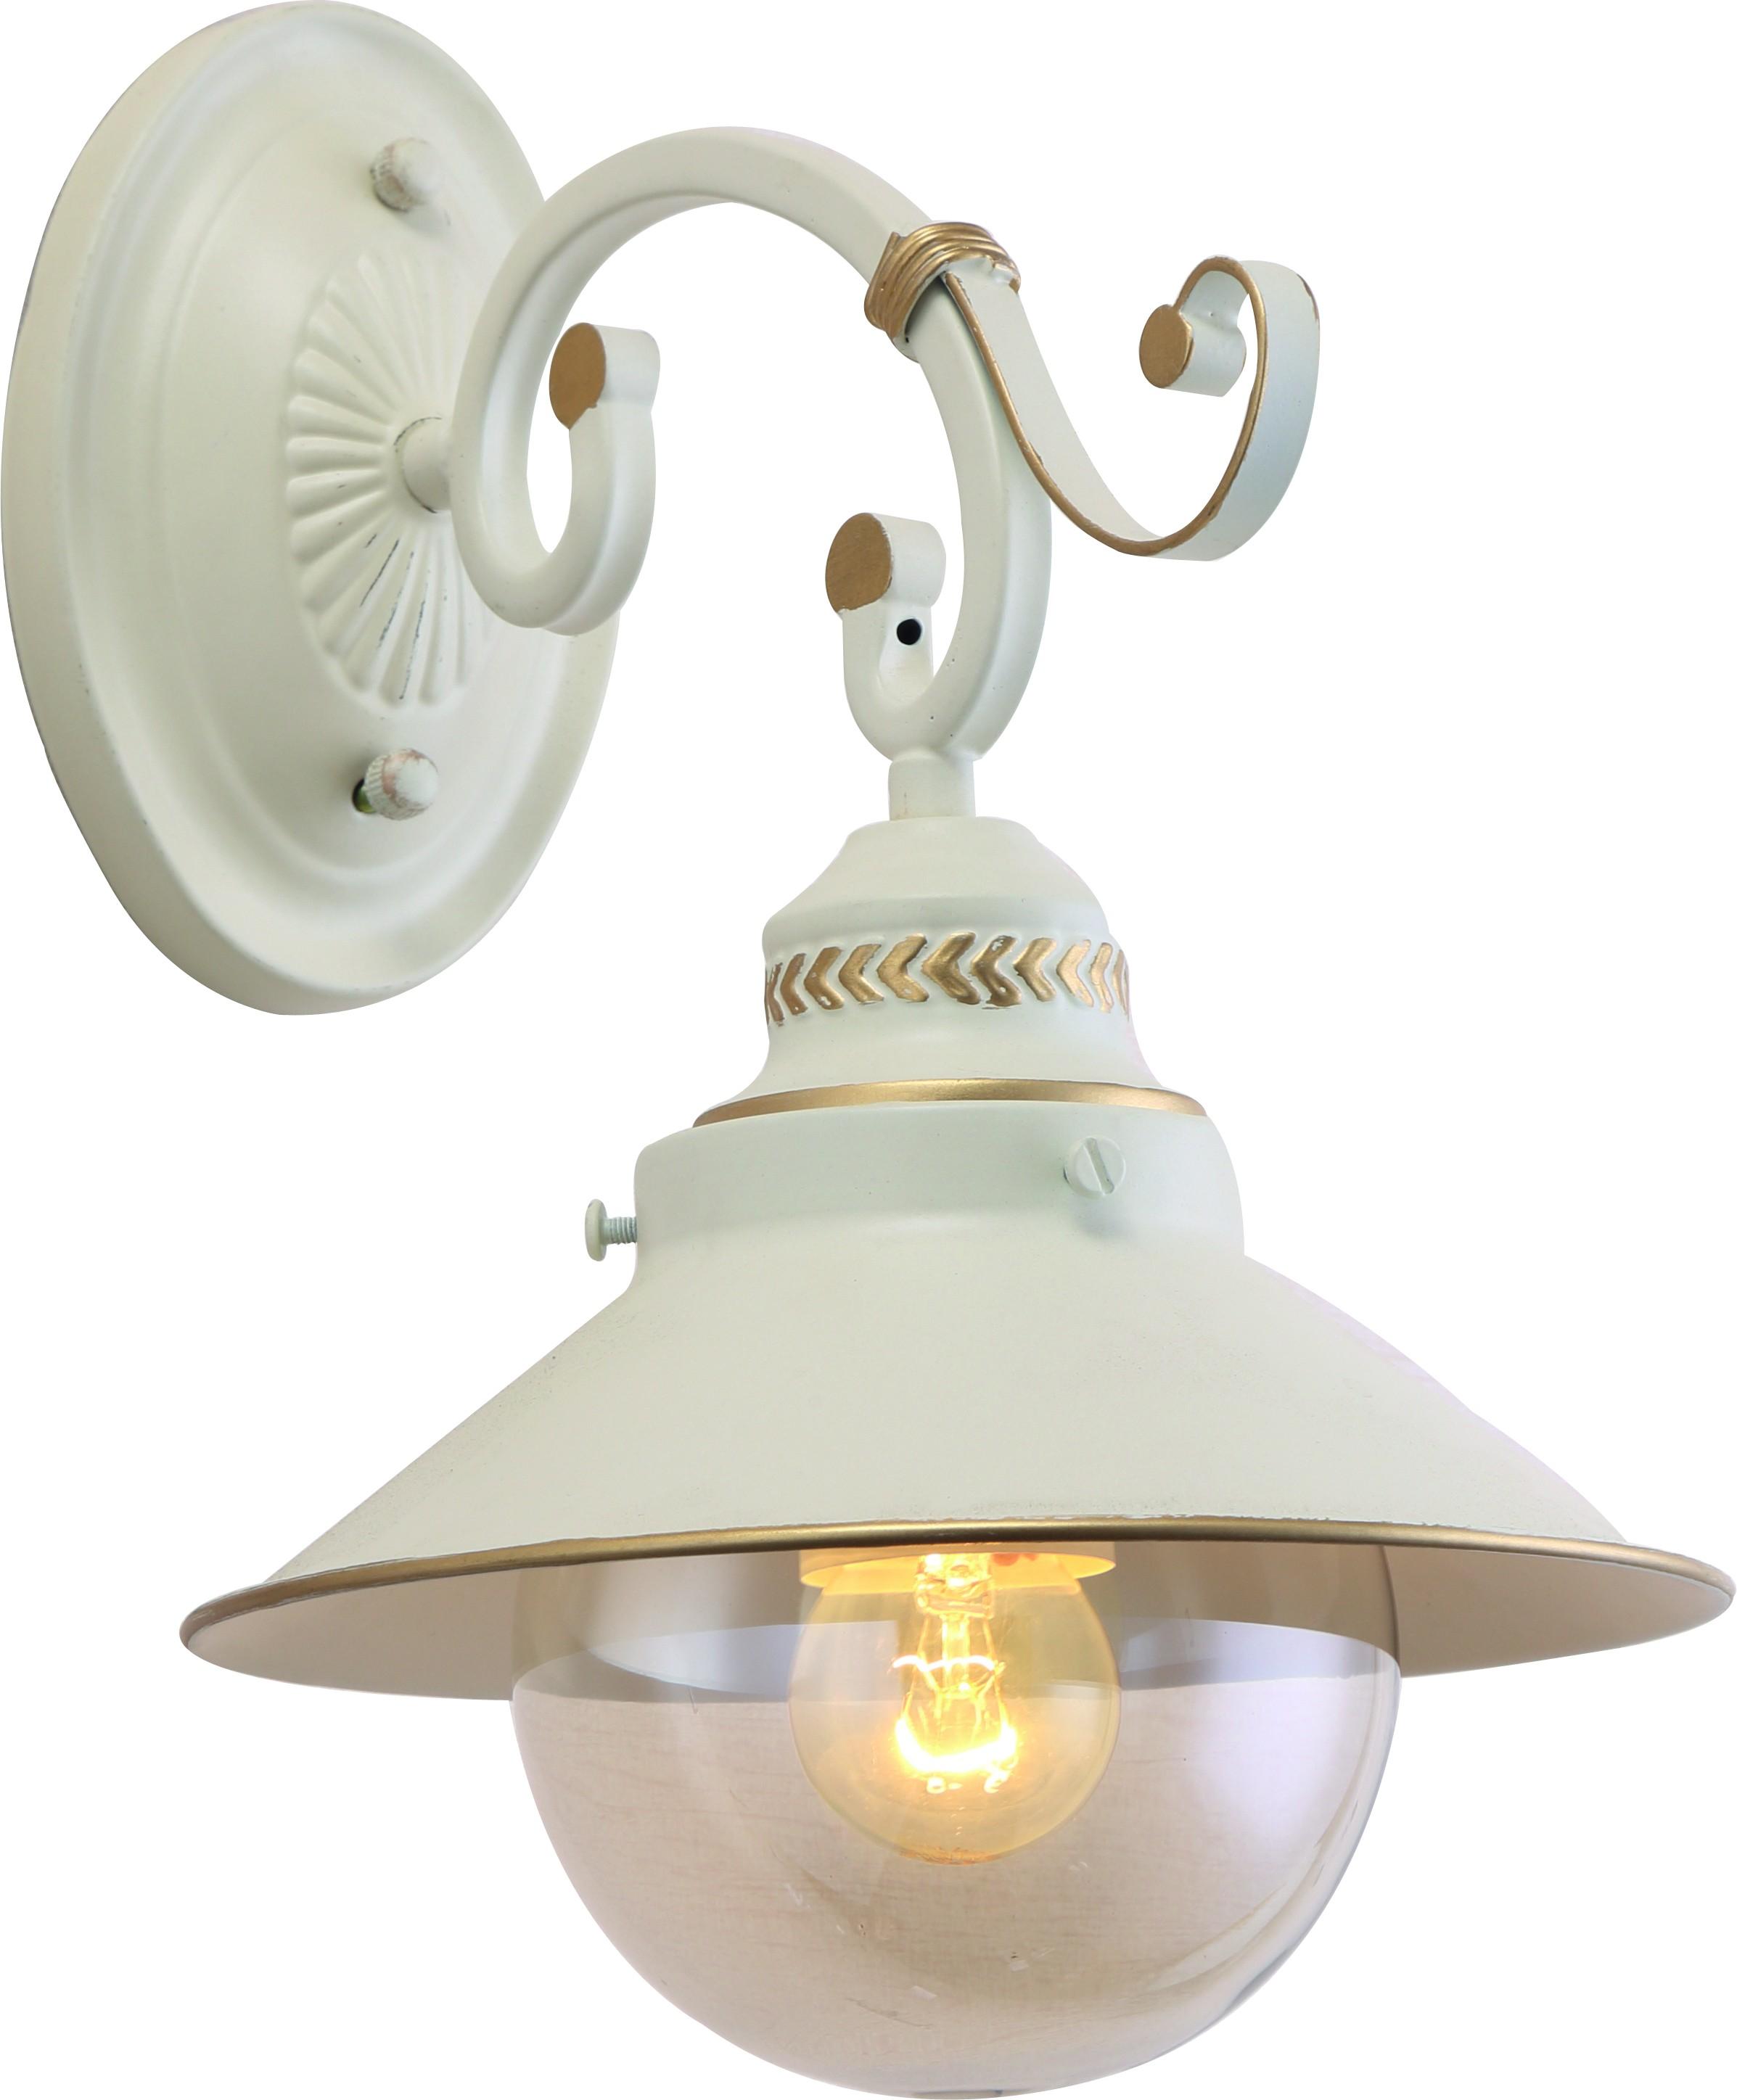 Купить Бра Arte lamp A4577ap-1wg